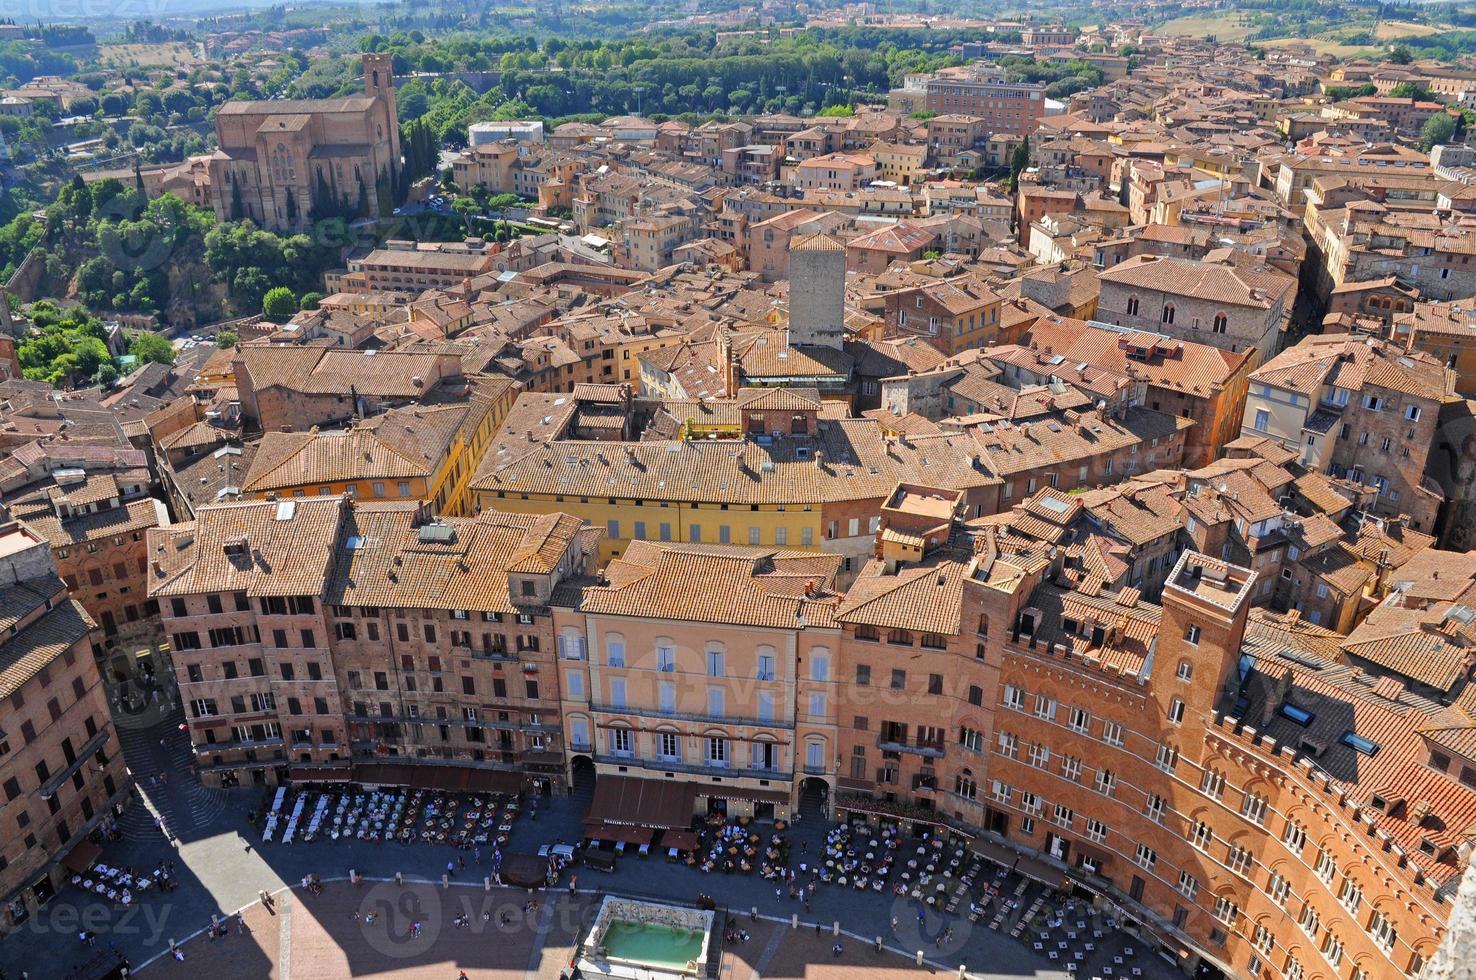 Siena2 (Tuscany, Italy) photo